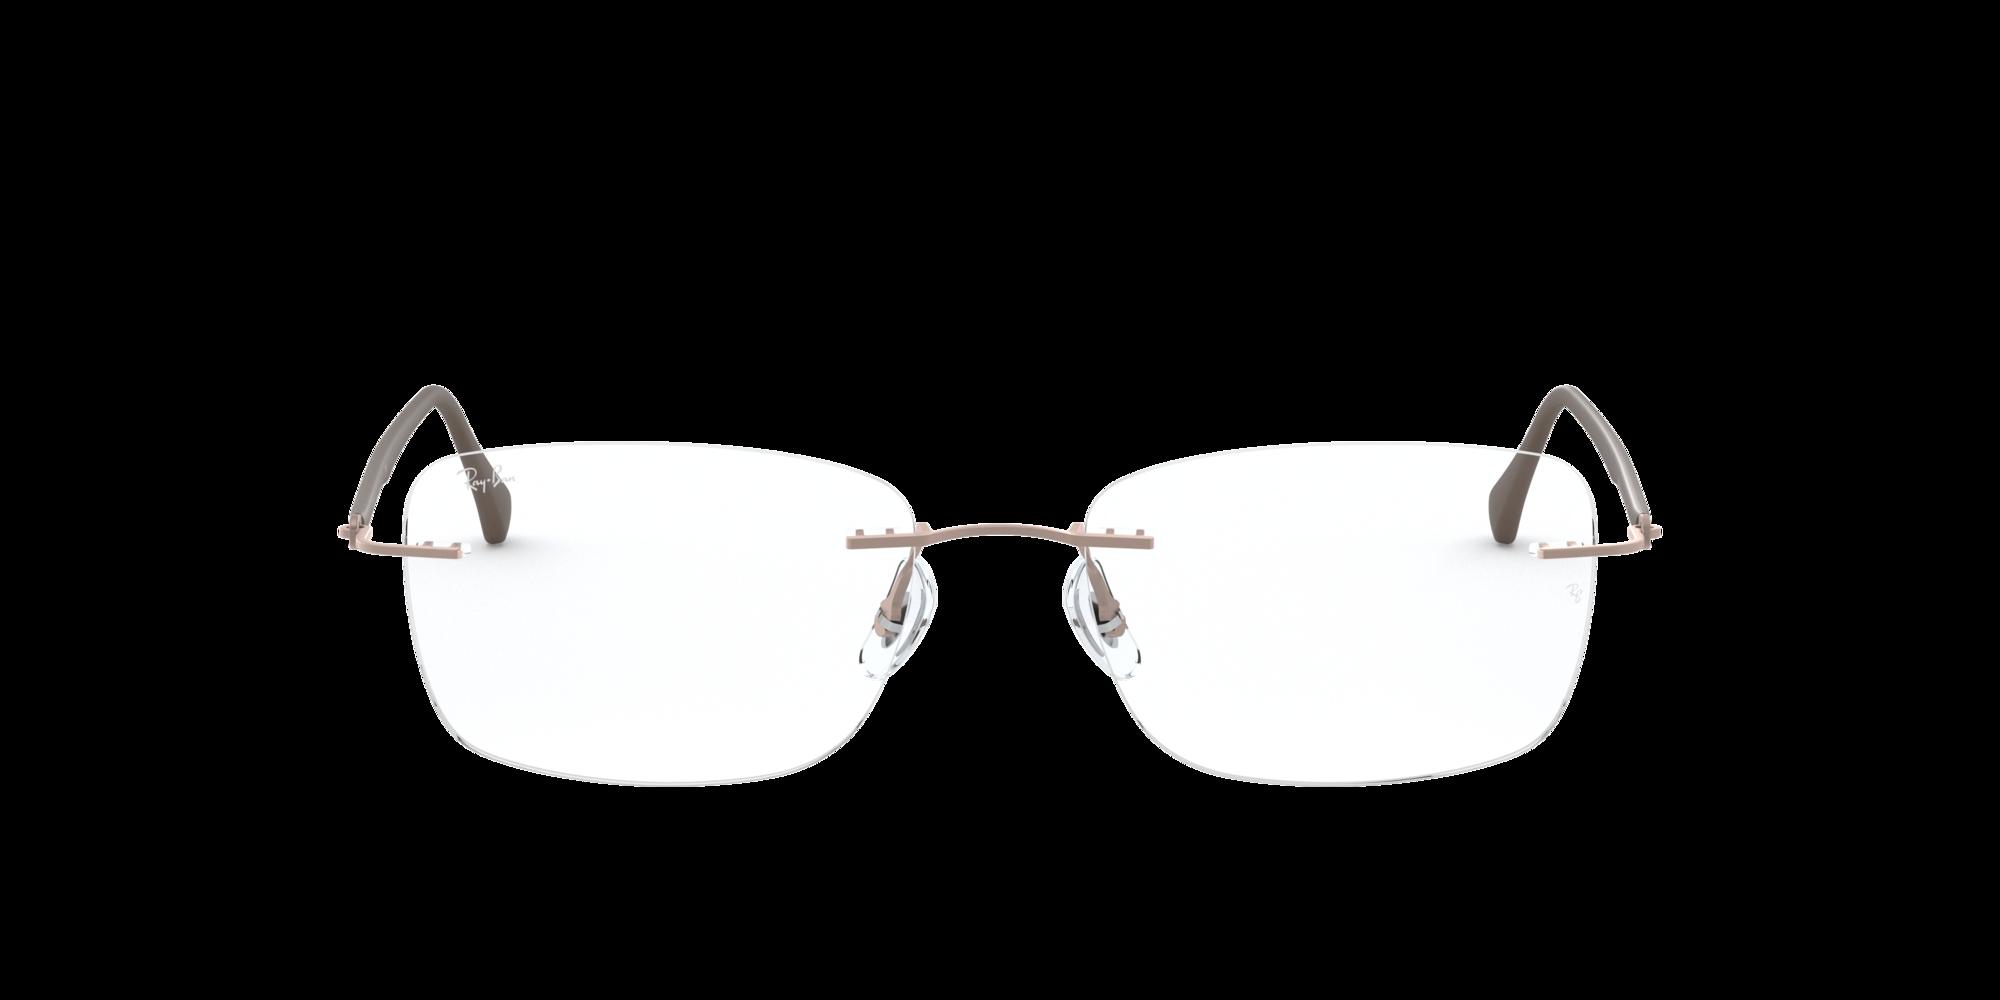 Imagen para RX8725 de LensCrafters |  Espejuelos, espejuelos graduados en línea, gafas